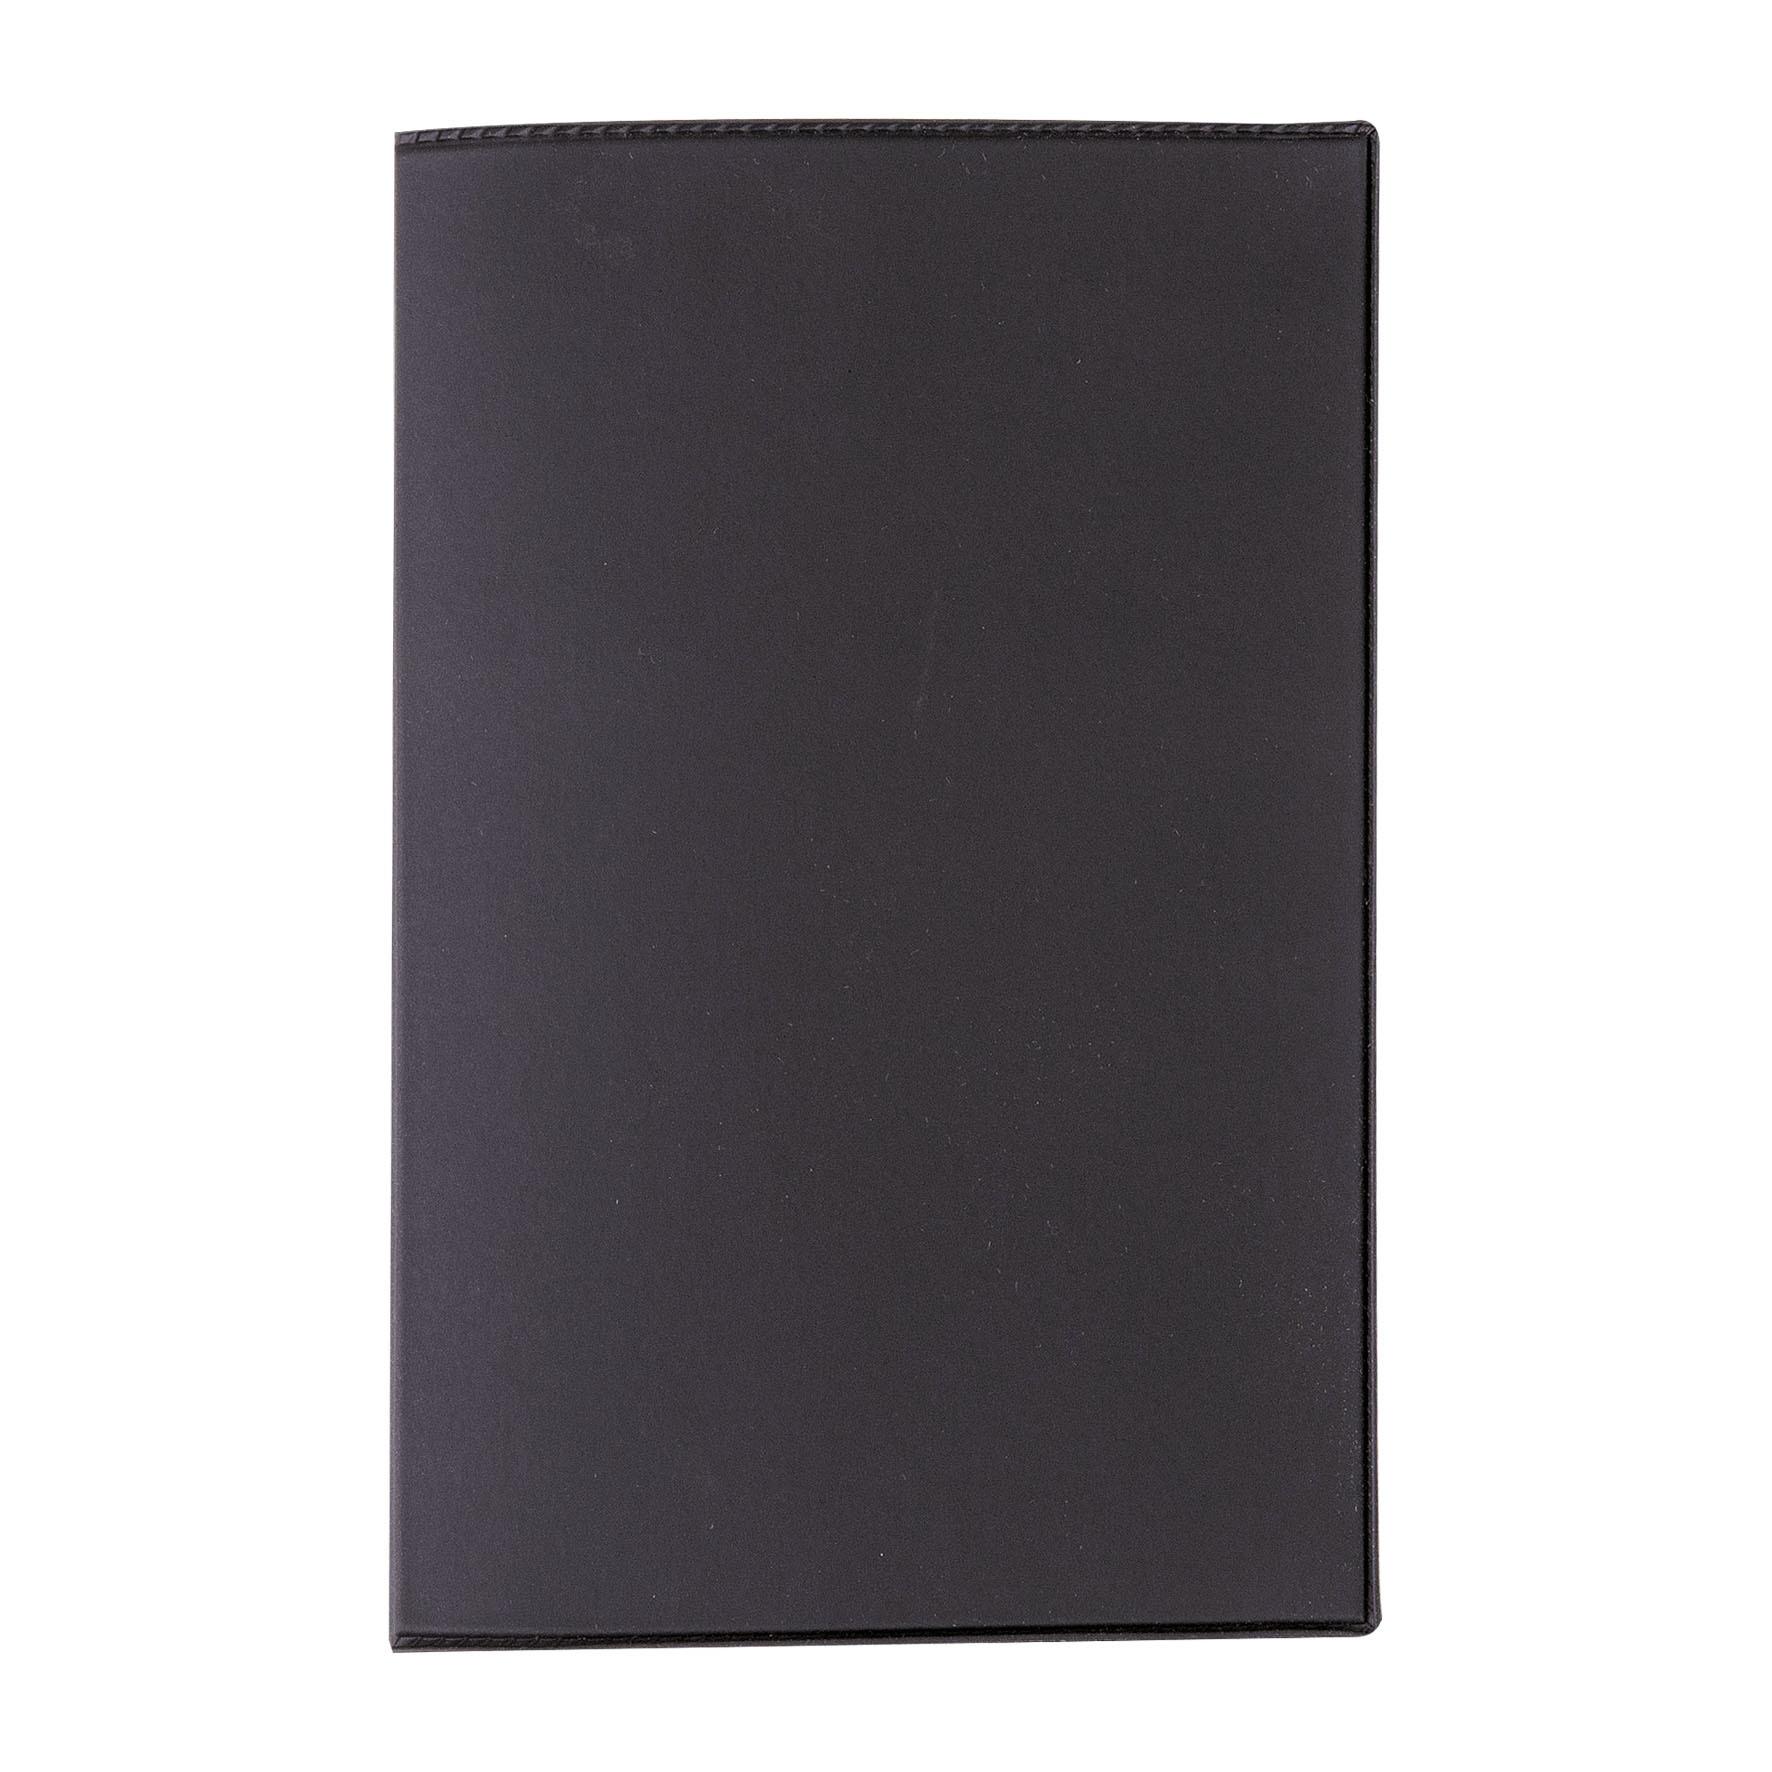 Porte carte grise 3 volets PVC gomme